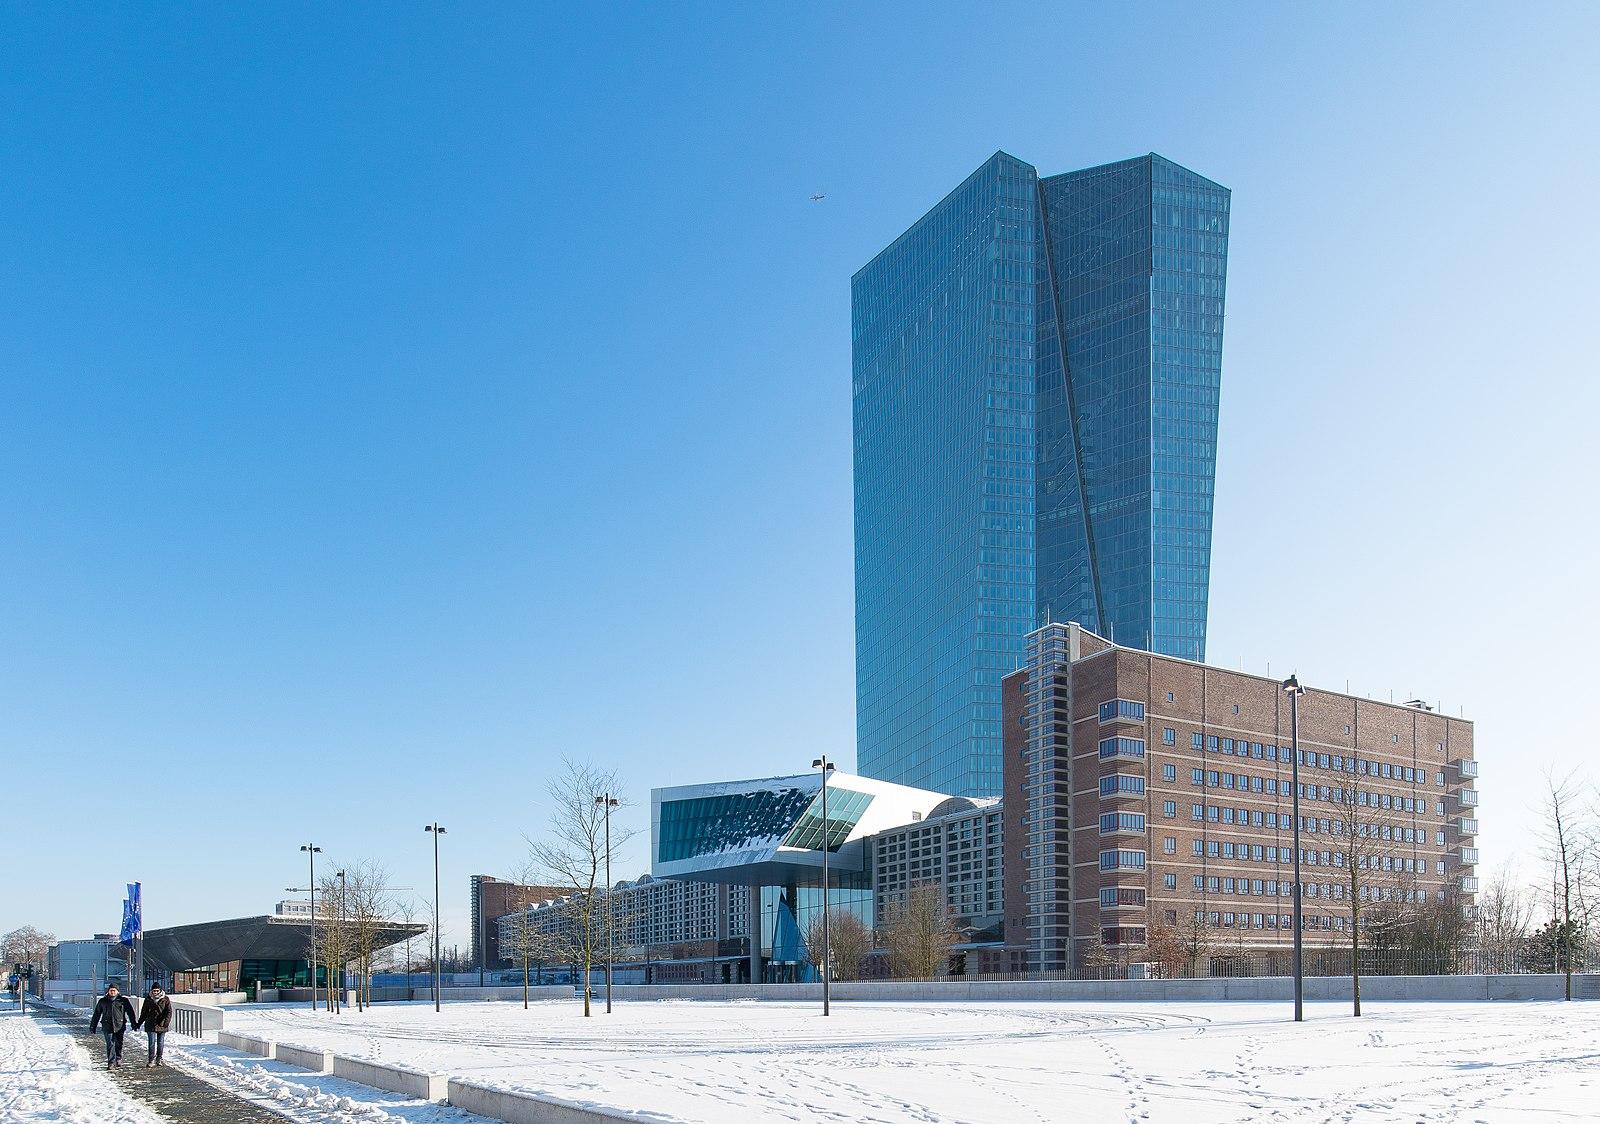 專家預計,歐洲央行將會在近日推出應對中共病毒的經濟刺激措施。圖為歐洲央行總部。(Epizentrum/Wikimedia commons)